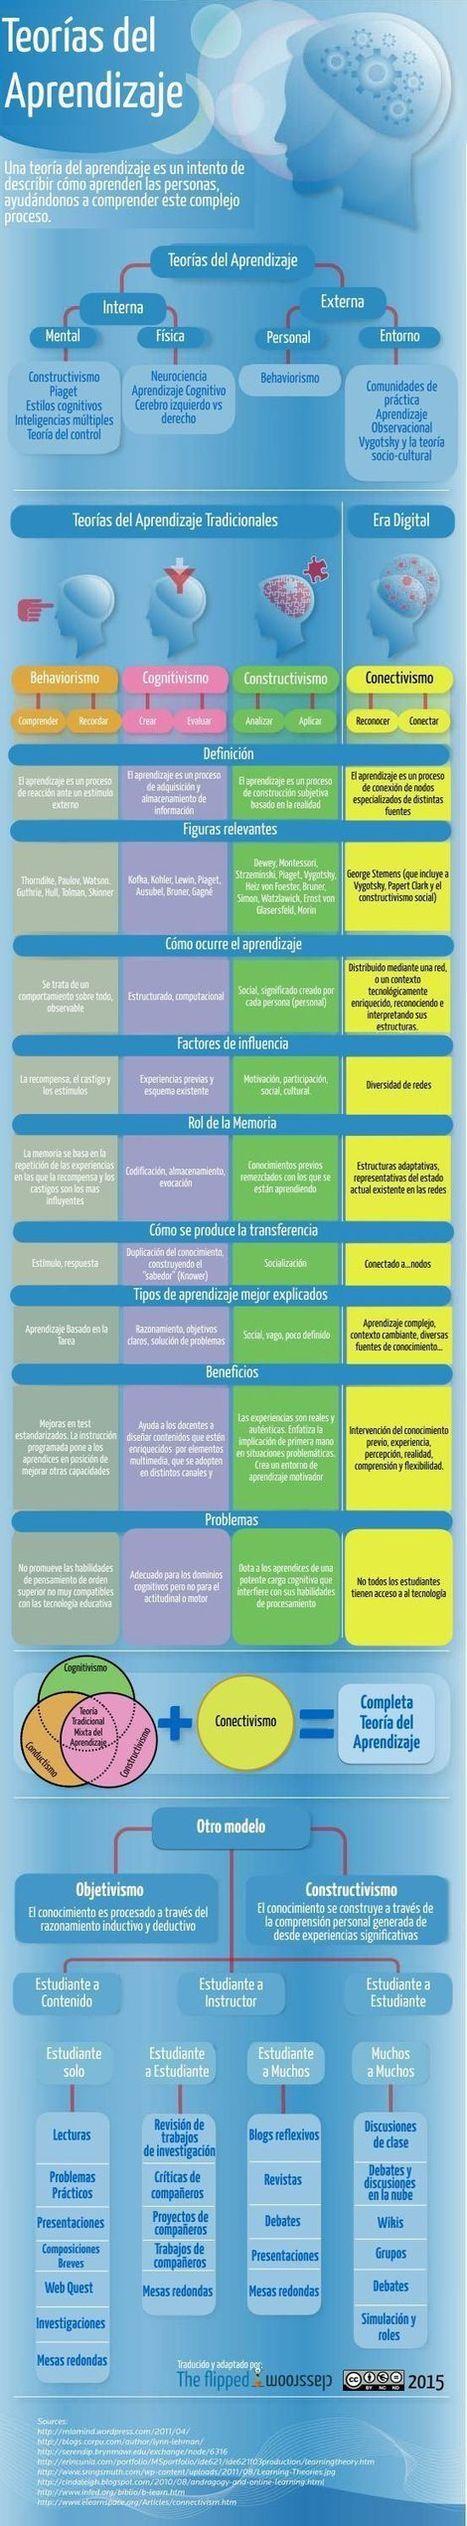 Teorias del aprendizaje | Estrategias educativas innovadoras | Scoop.it